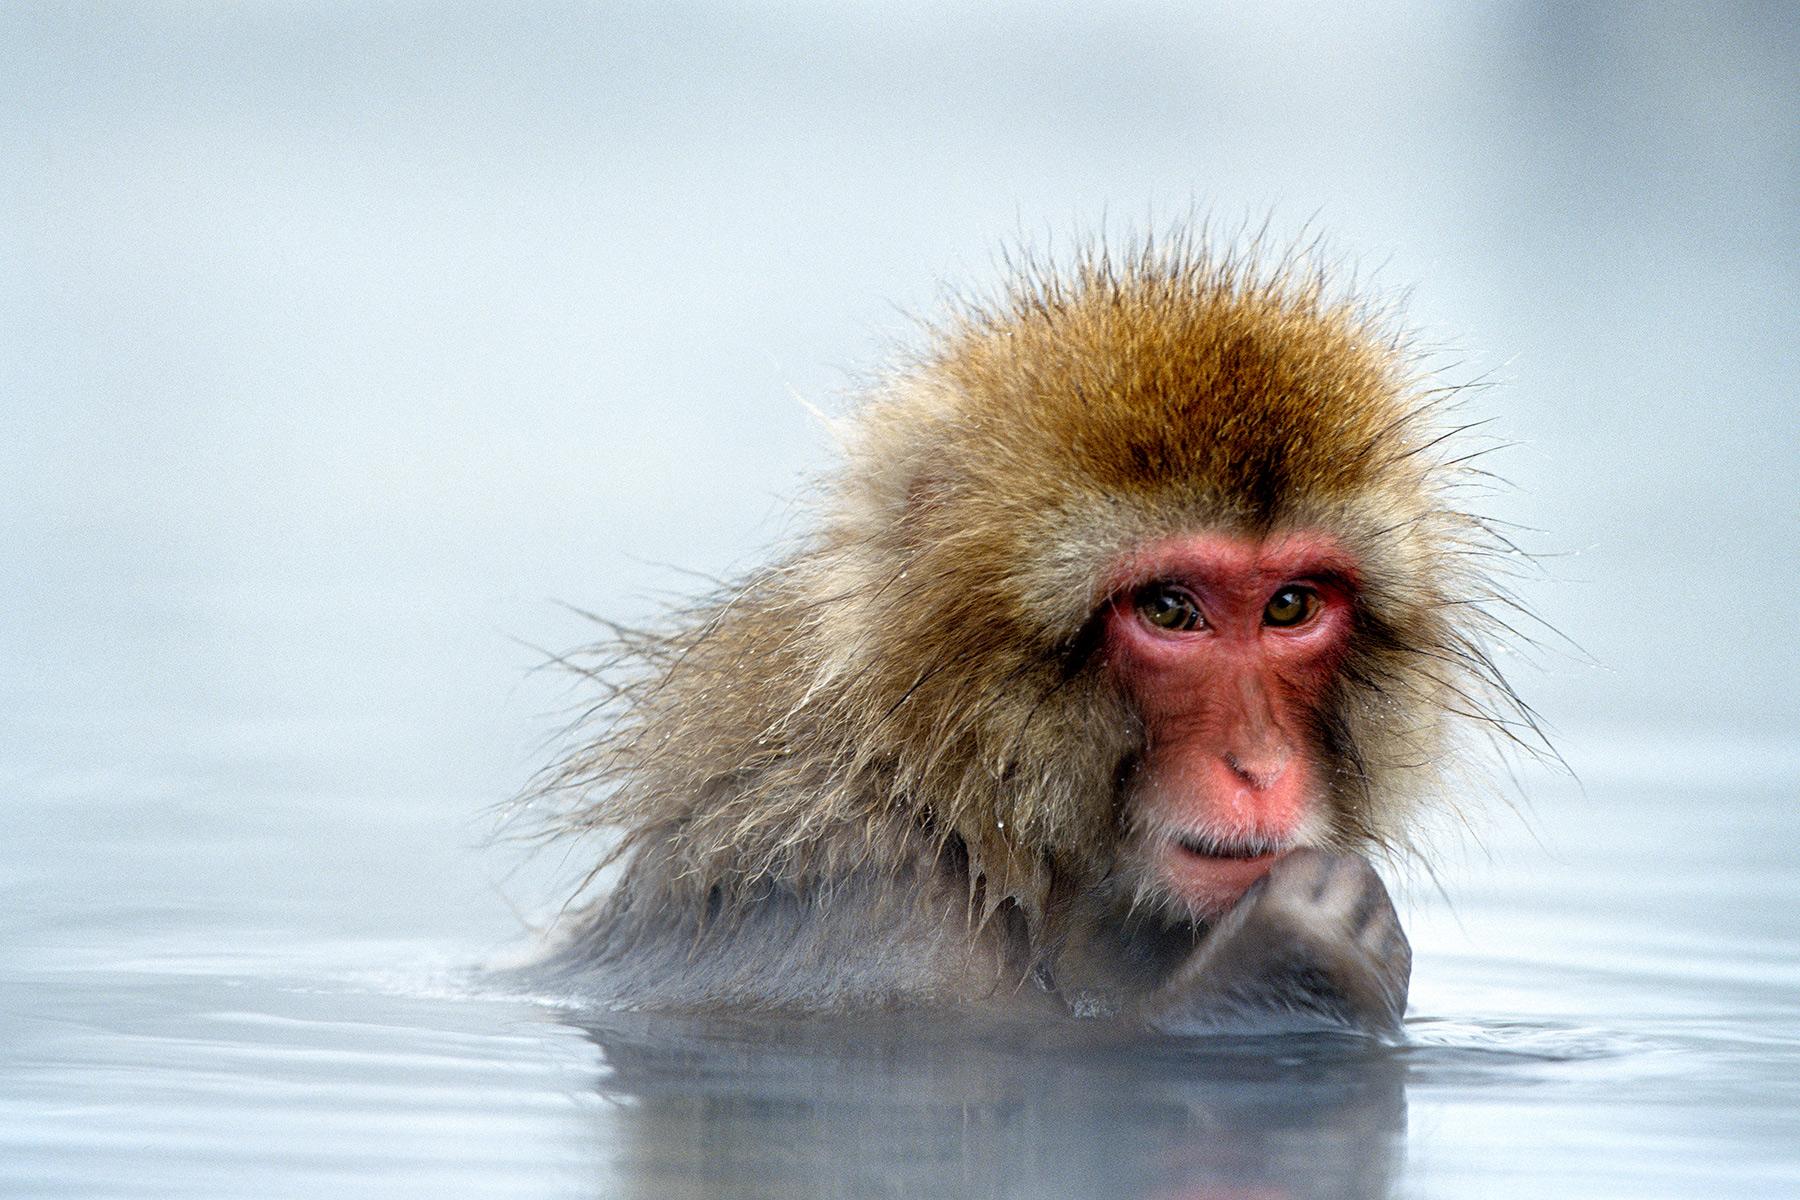 Frases De Mono: Las Fuentes Termales Reducen El Estrés De Los Macacos